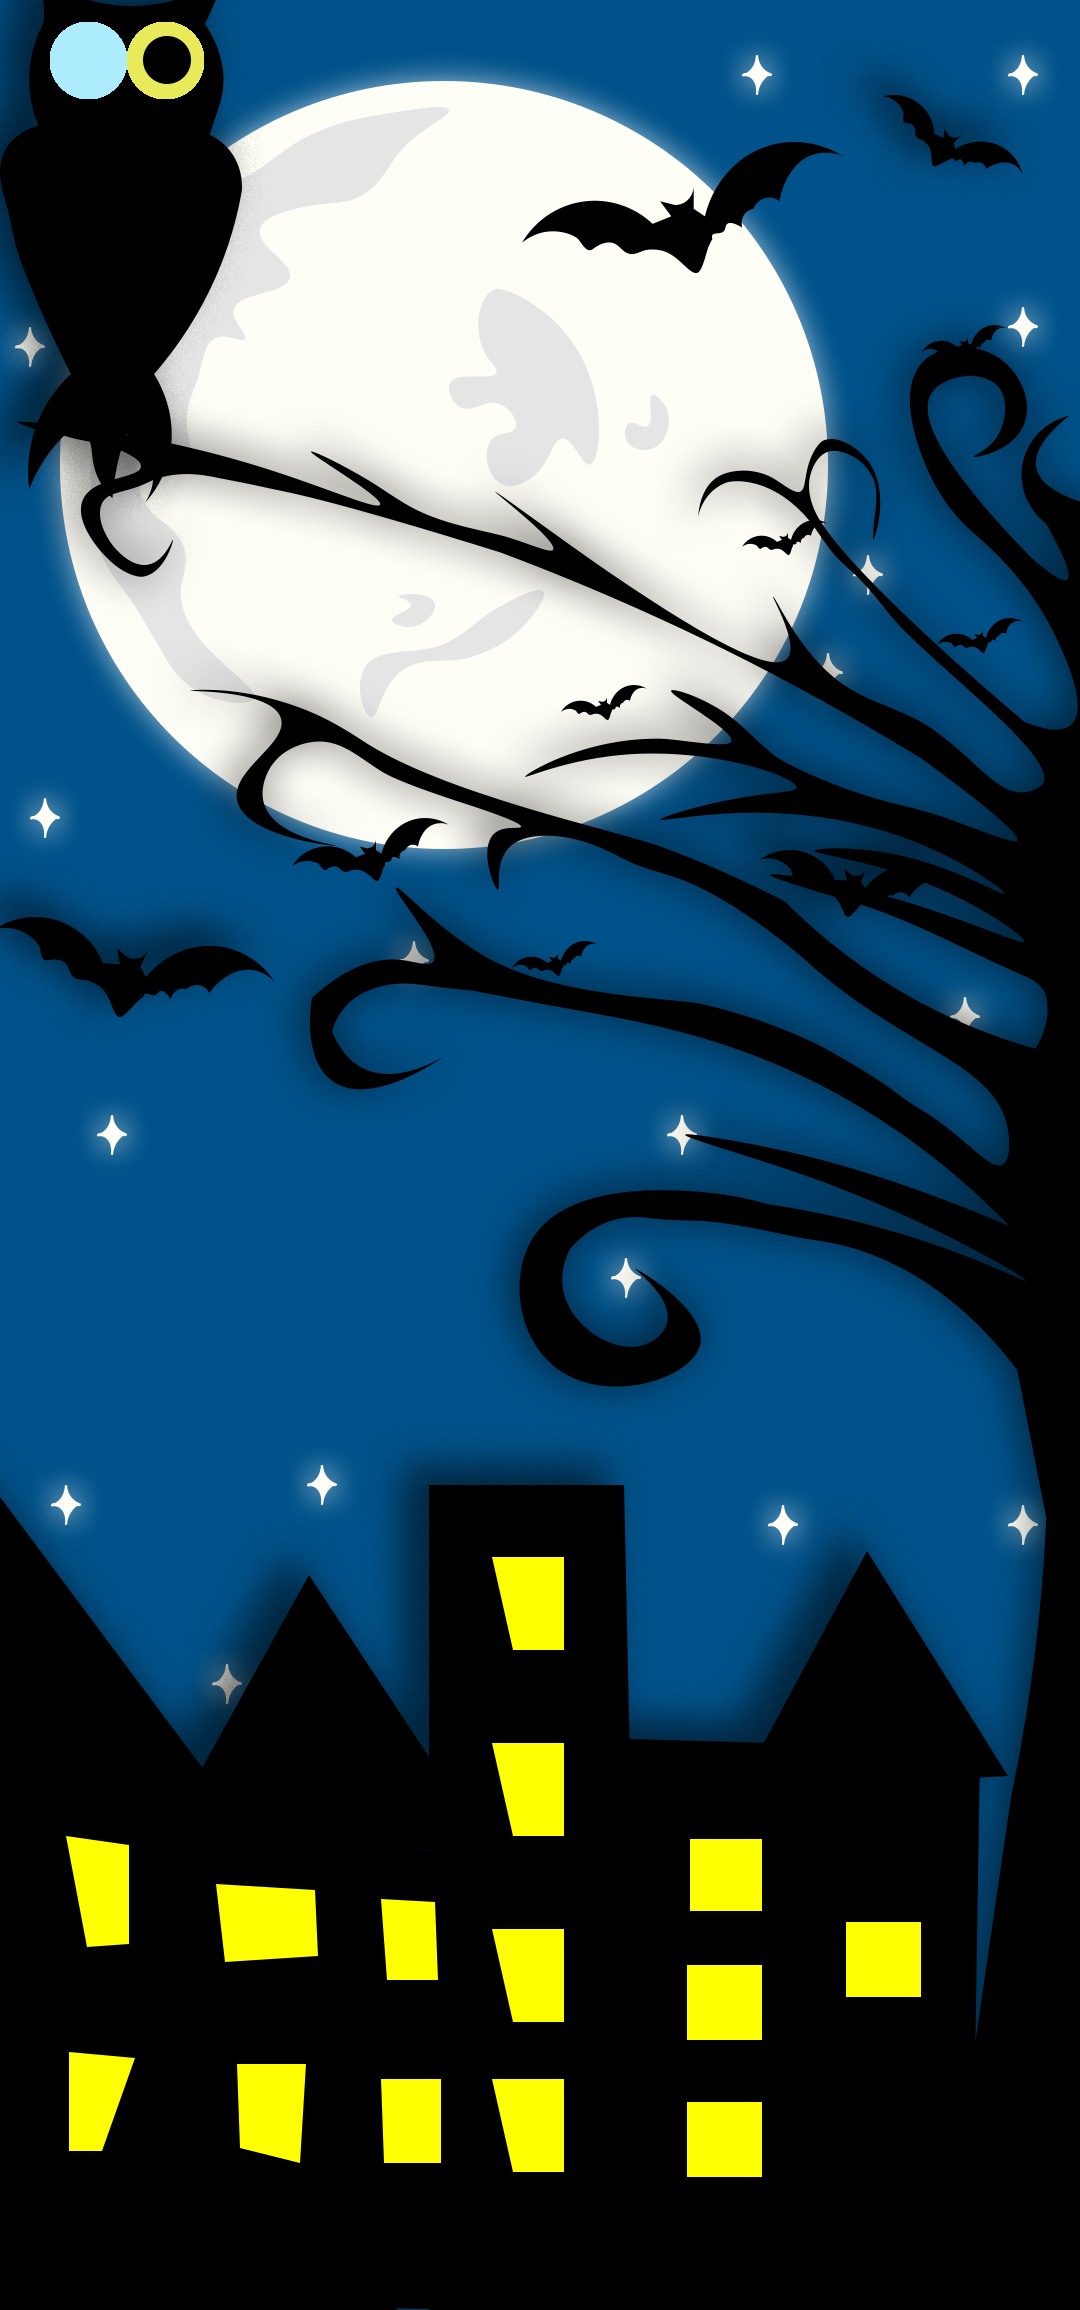 夜里的猫头鹰.jpg